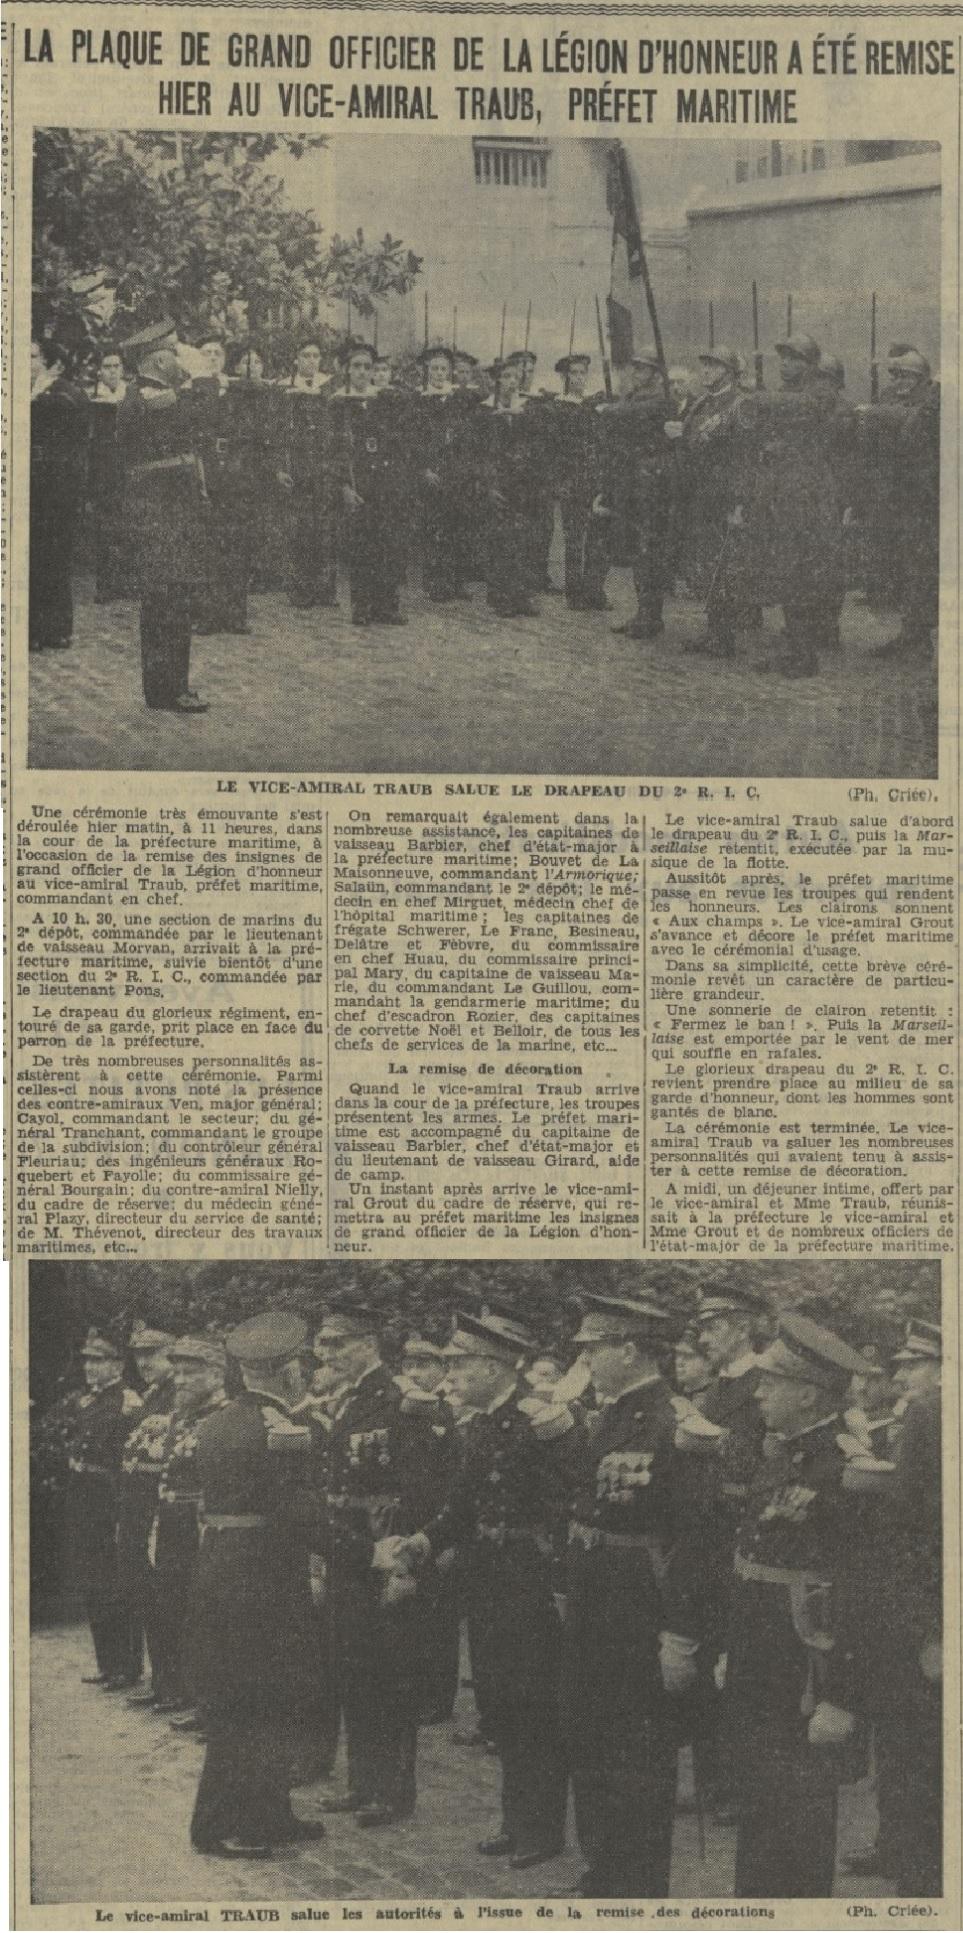 Les Amiraux 02/09/39 au 25/06/40 - Page 2 19390114